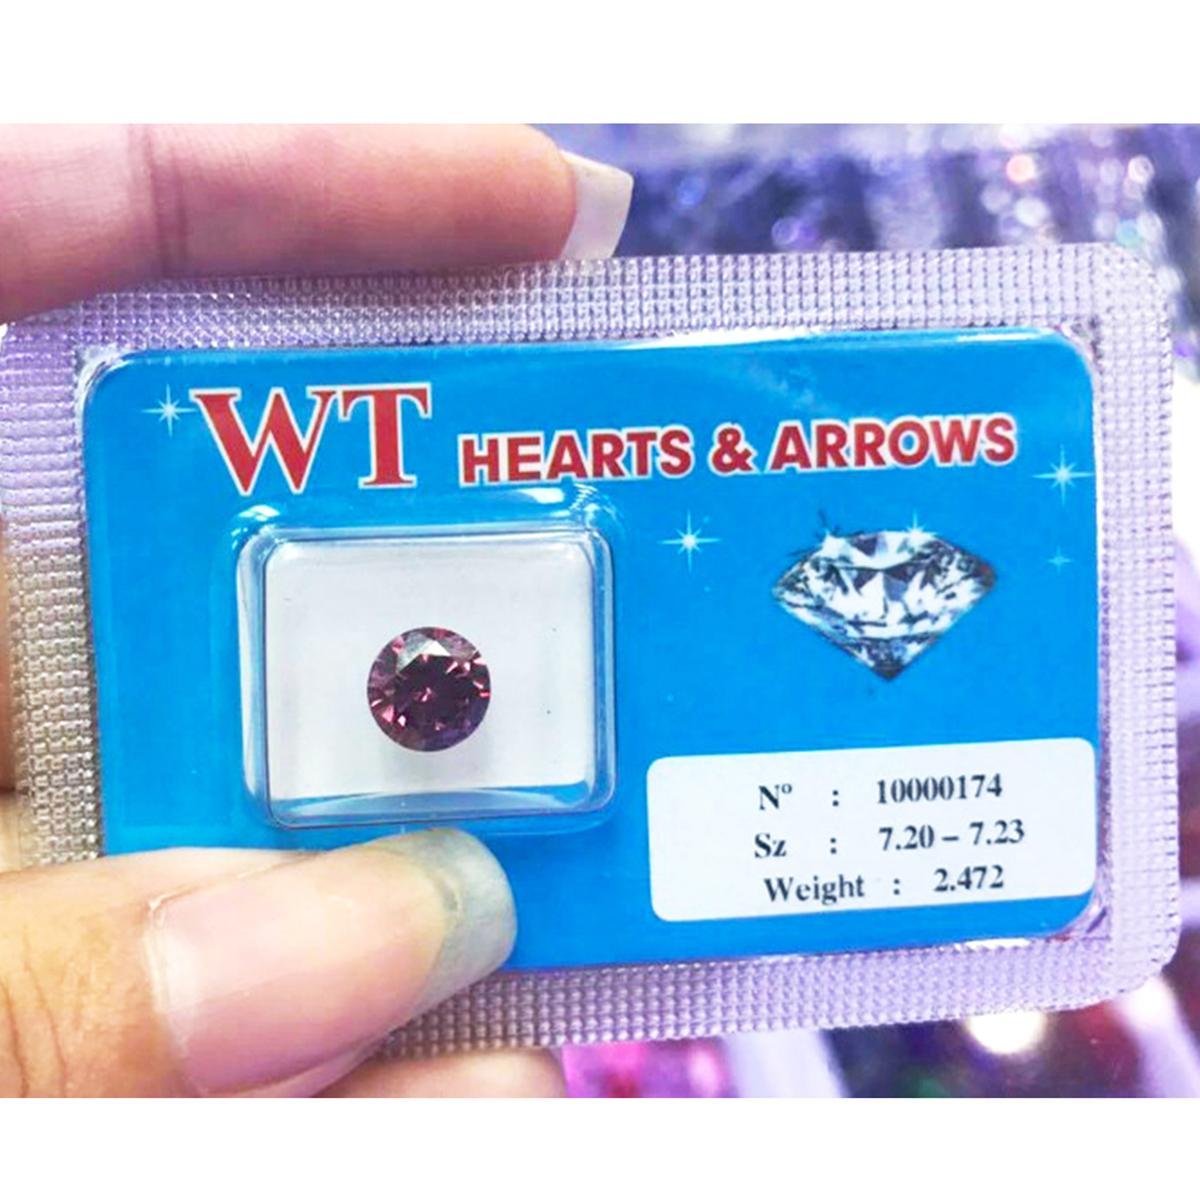 Kim cương nhân tạo WT 7.2LY (màu đỏ ruby) - 8 Arrows & 8 Hearts